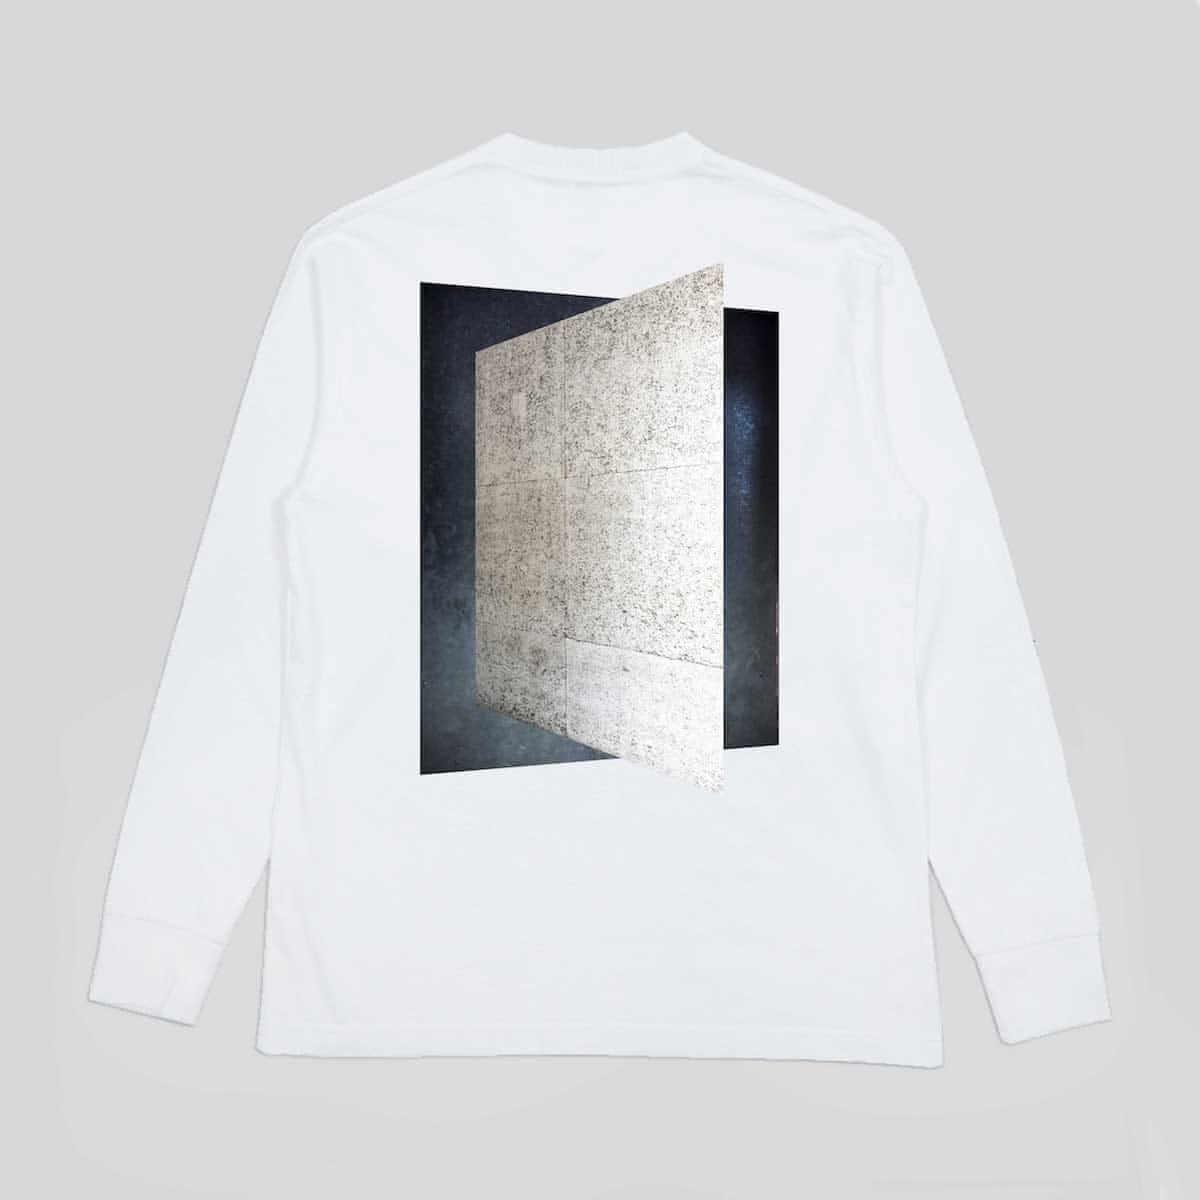 表参道VENTが2周年パーティーを記念して、YoshirottenとのコラボTシャツを発売 music180816-vent-yoshirotten-1-1200x1200